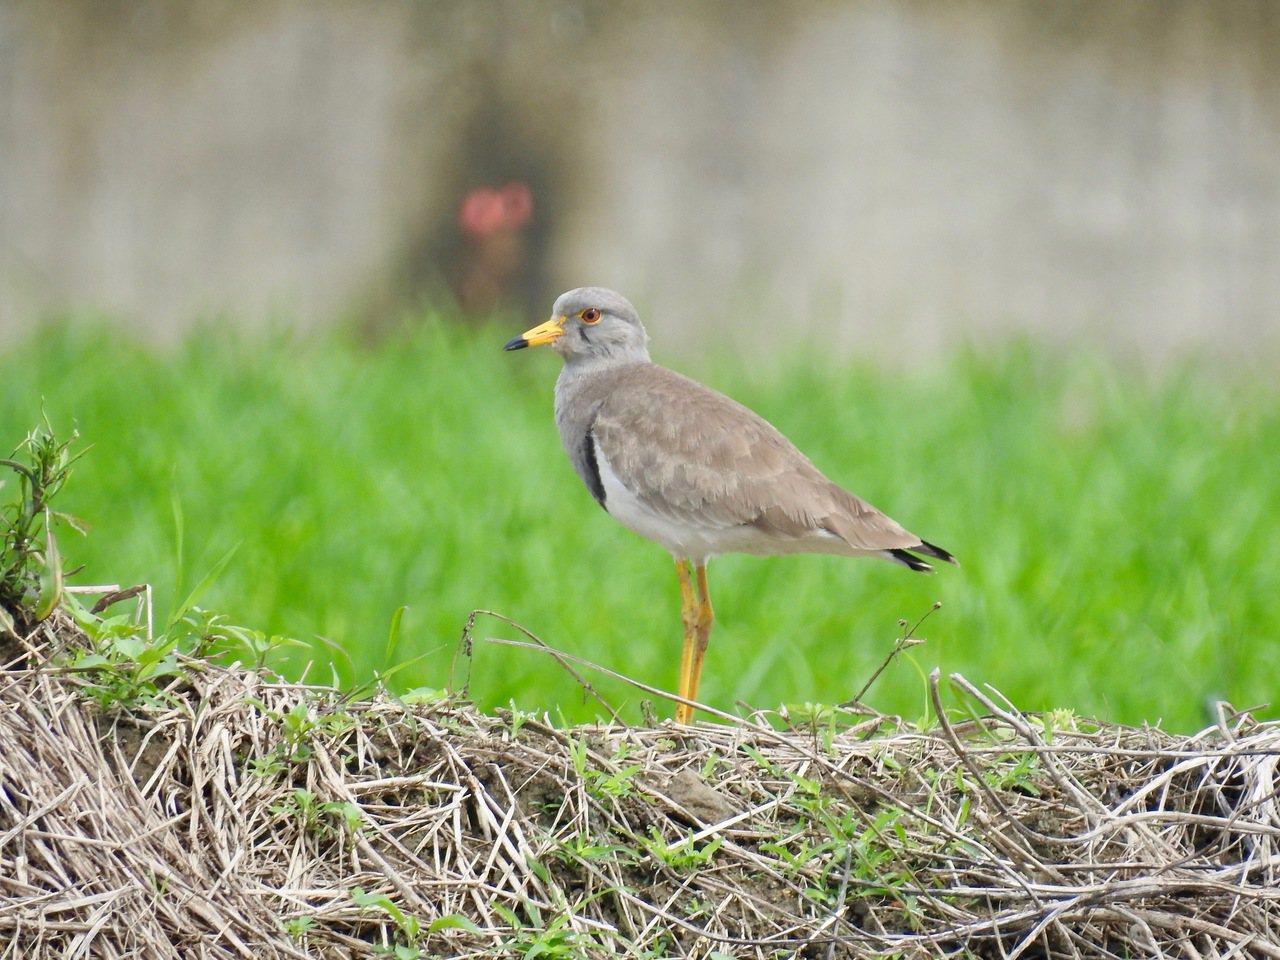 跳鴴又稱「灰頭麥雞」,每年過境期只在台灣沿海零星出現。記者曾健祐/攝影